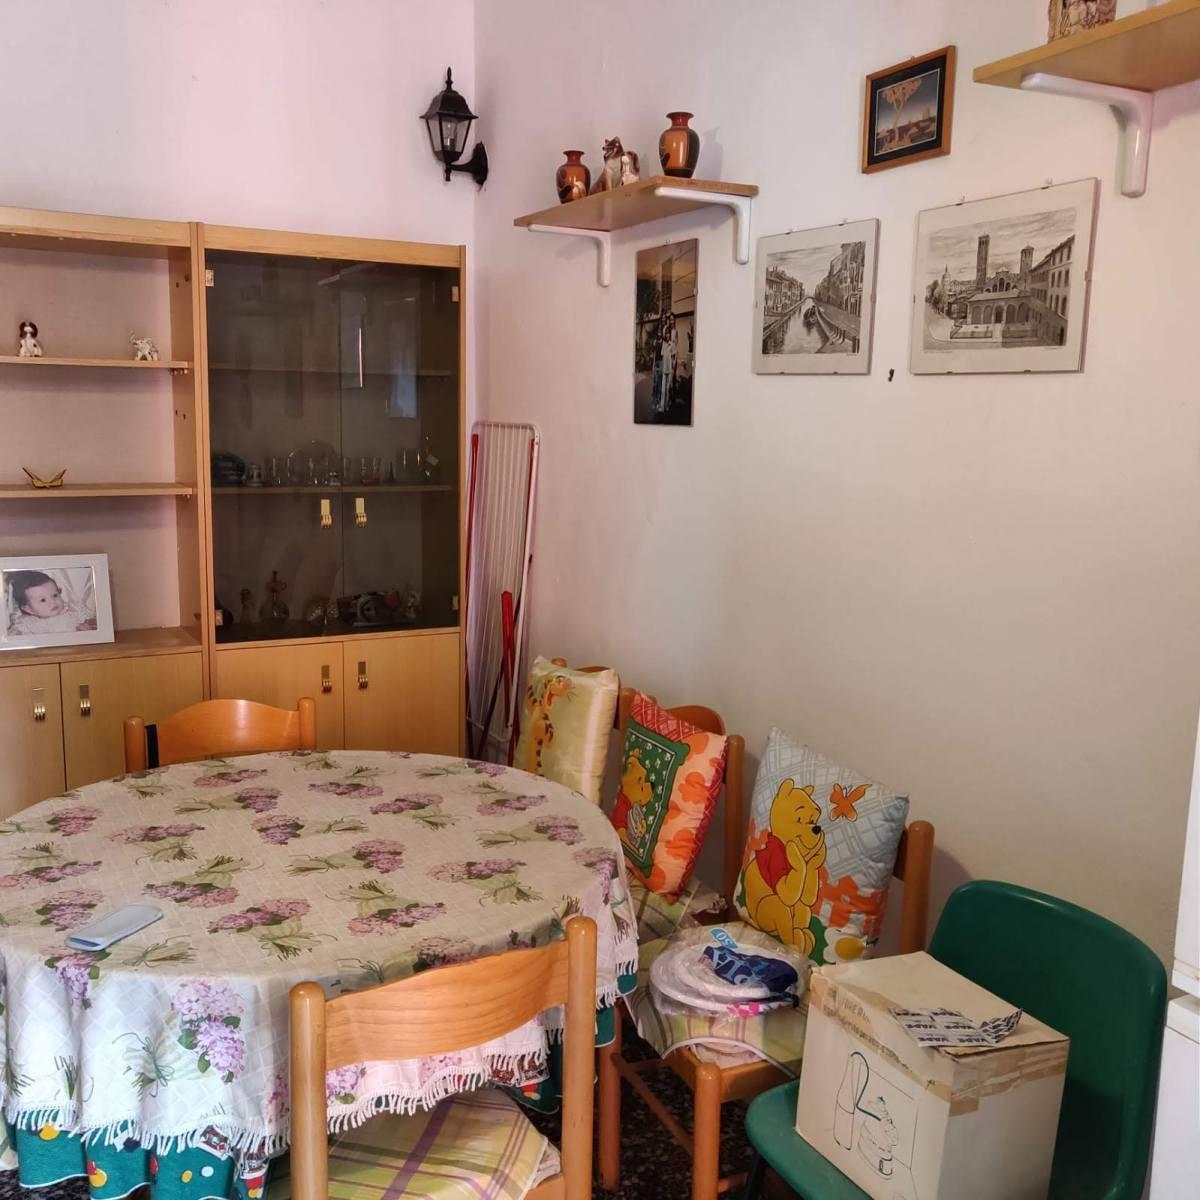 appartamento-bilocale-2-locali-in-vendita-milano-bggio-via-forze-armate-348-spaziourbano-immobiliare-vende-4